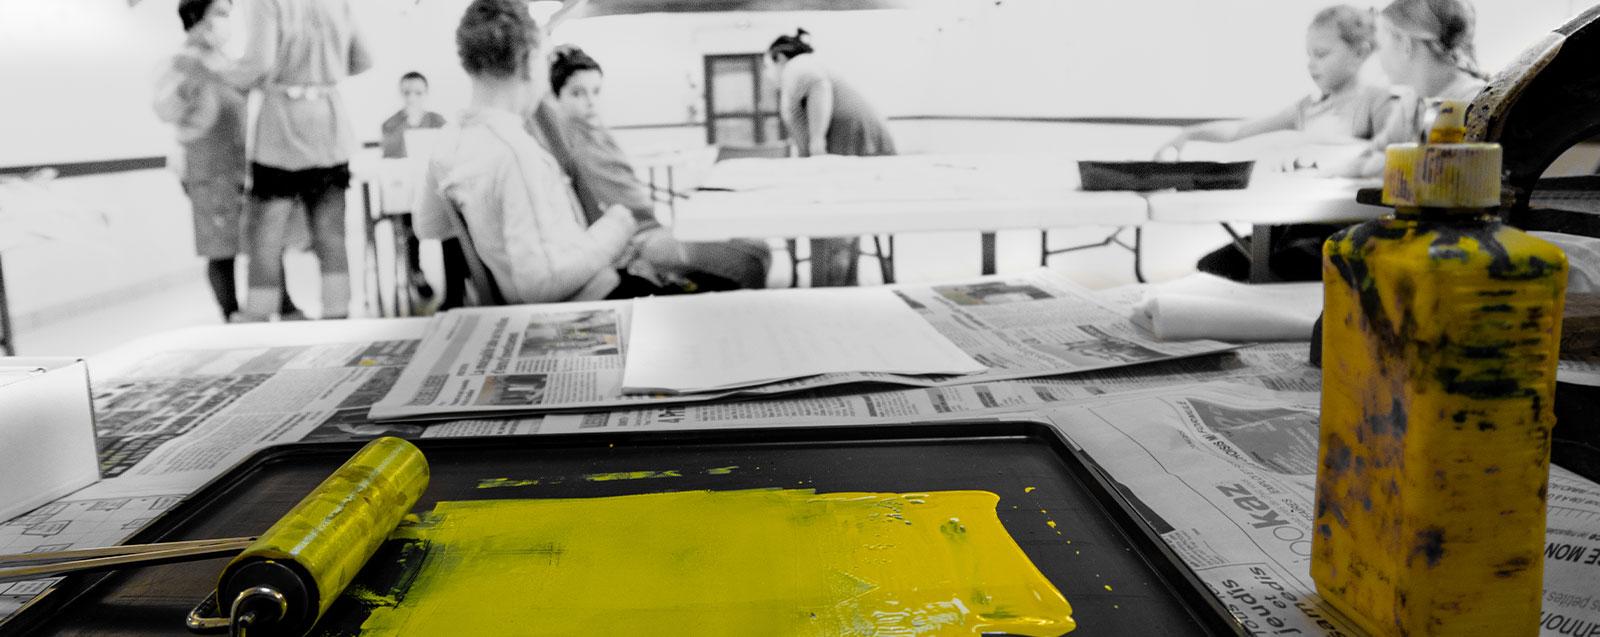 Nouveauté ! Semaine des arts 2020 - © Mairie de Villefontaine